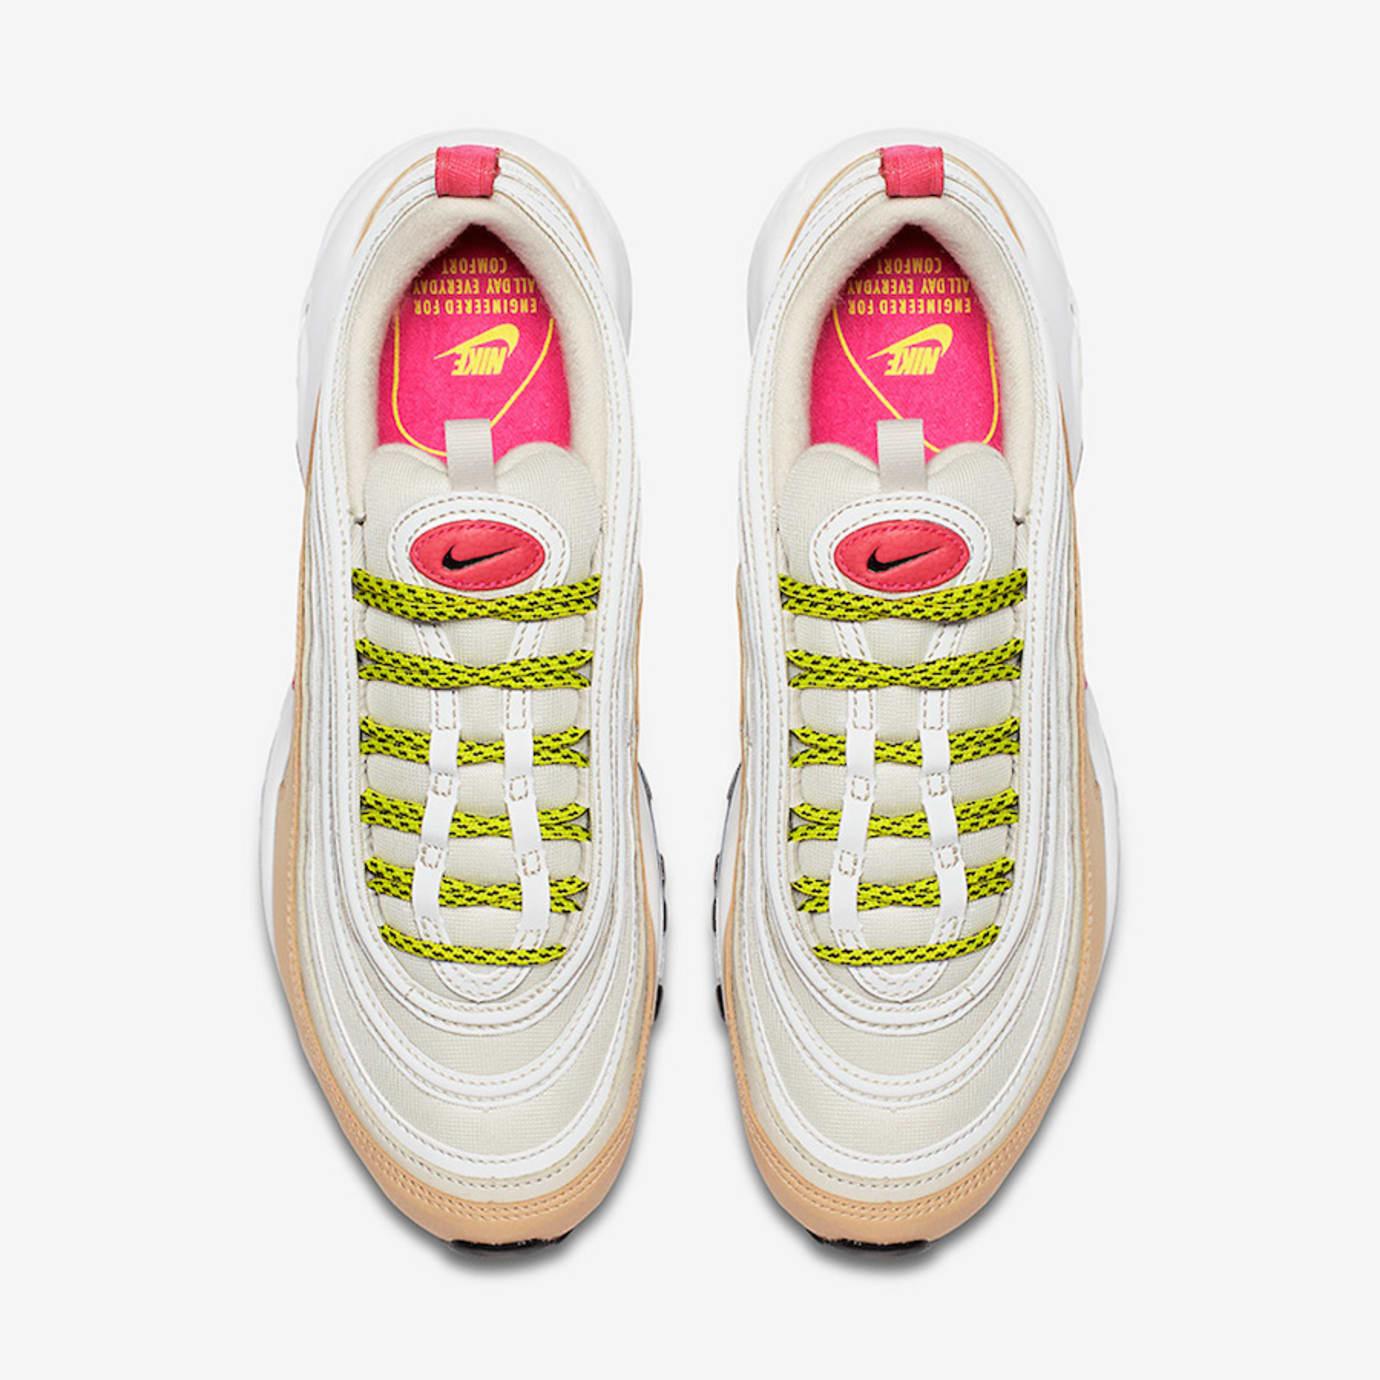 Nike Air Max 97 921733-004 (Top)